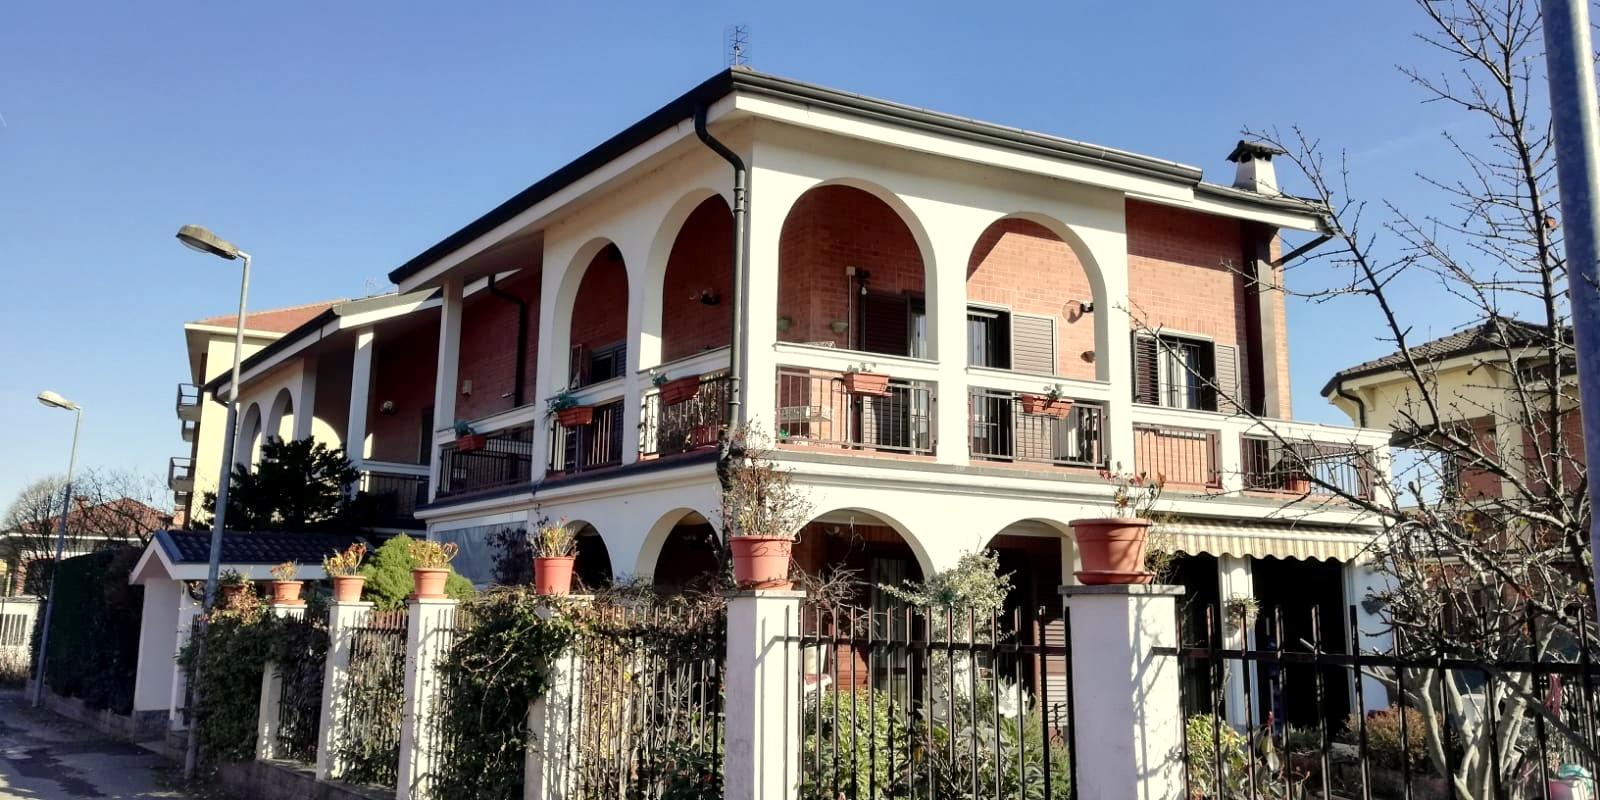 Venaria Reale, Savonera, Via Luigi Battan